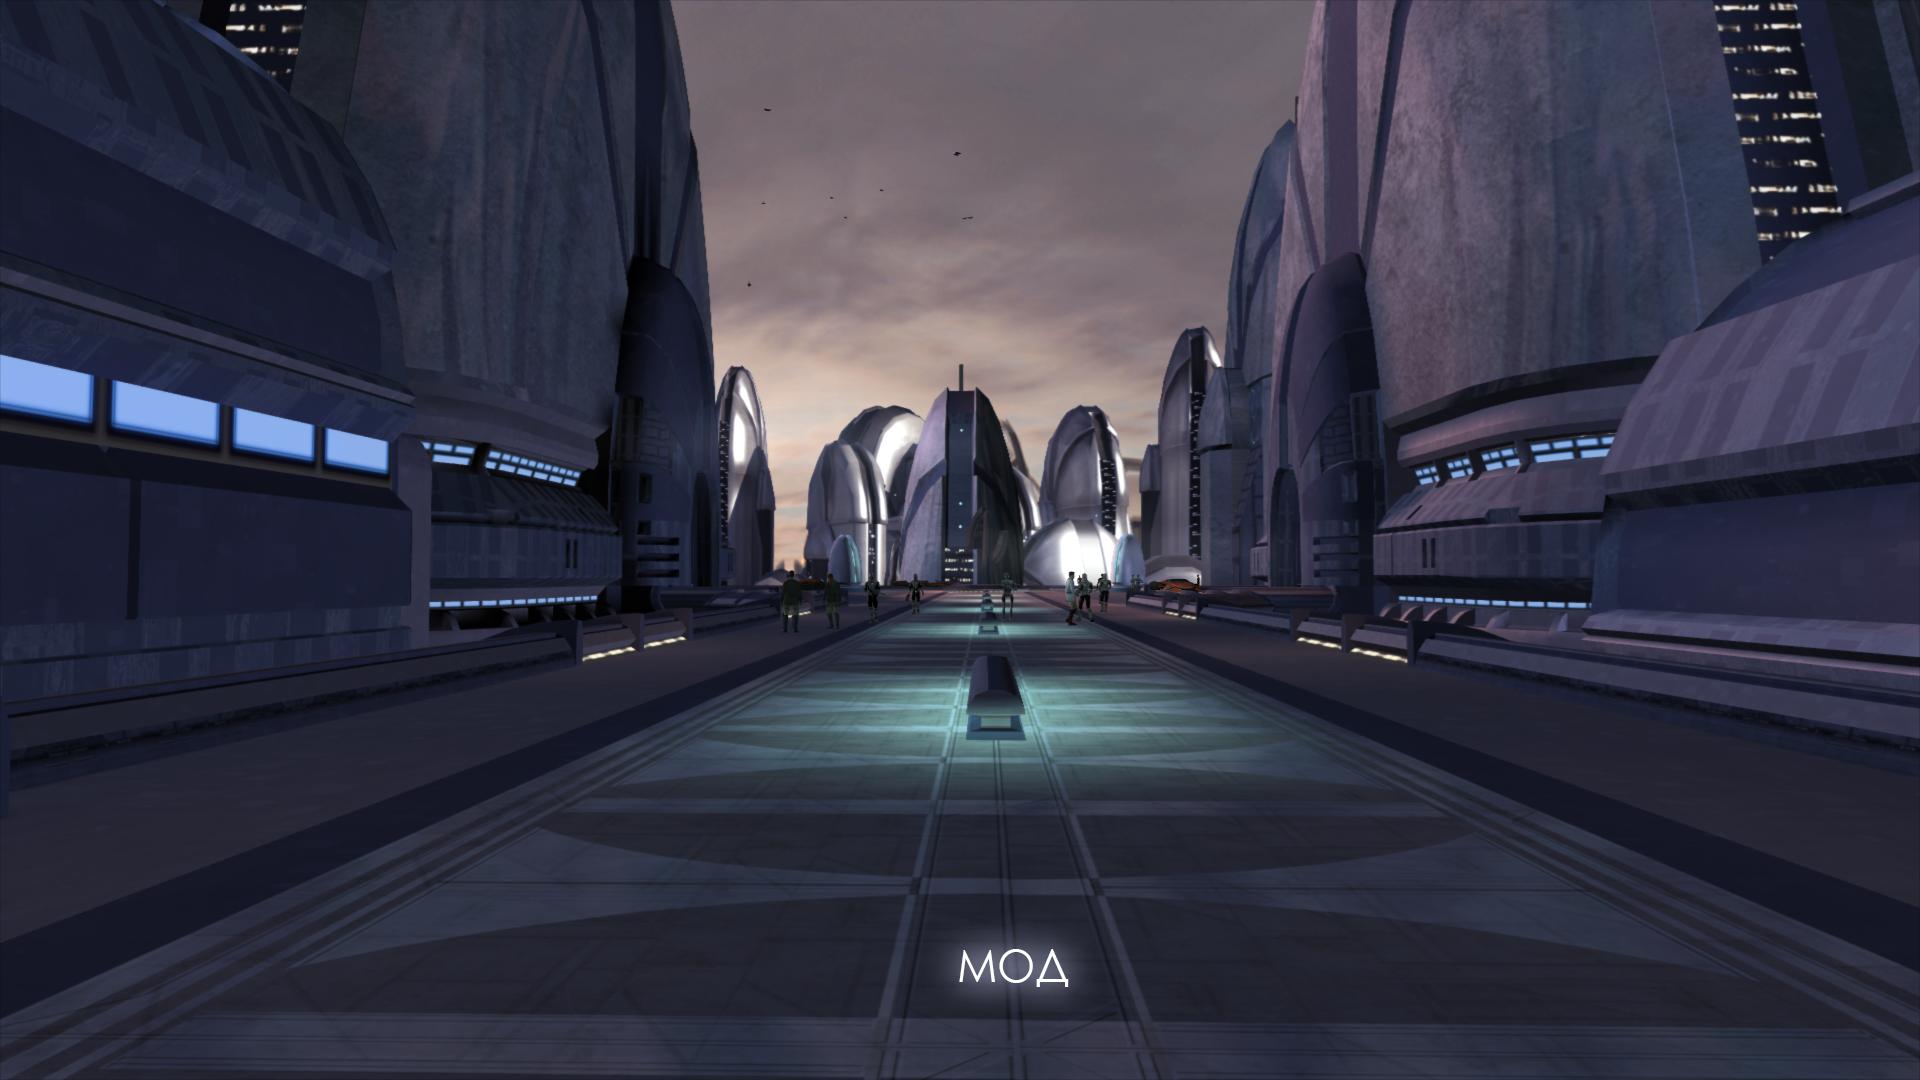 Звездные Войны Скачать Игру Kotor - keylawyers